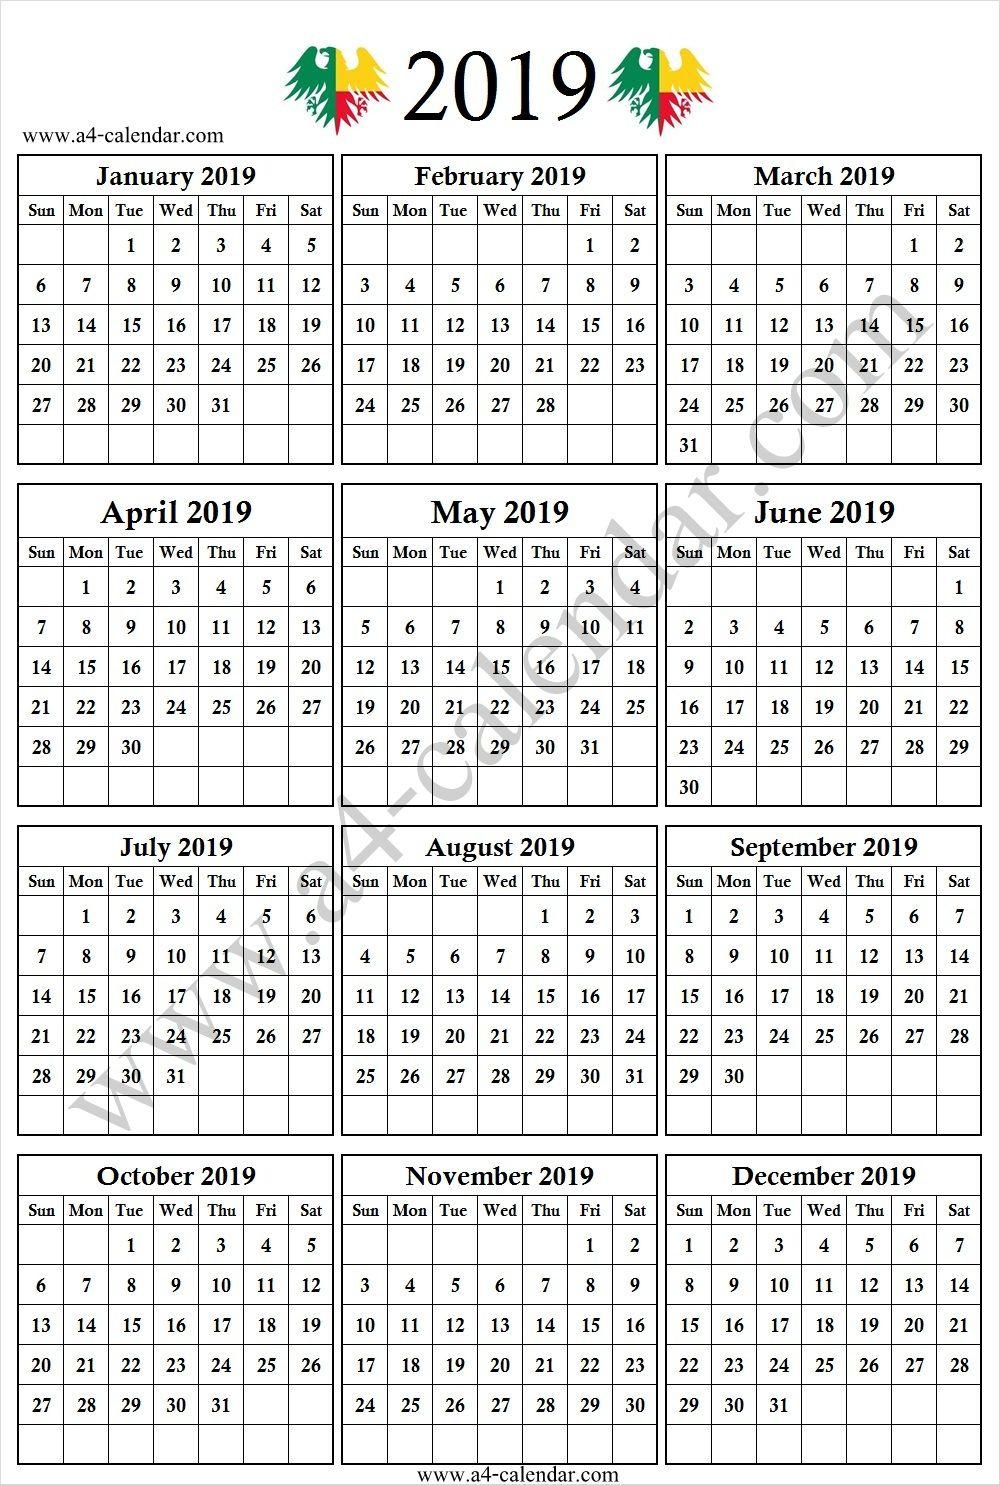 2019 South African School Holidays 2019 Calendar Editable Template